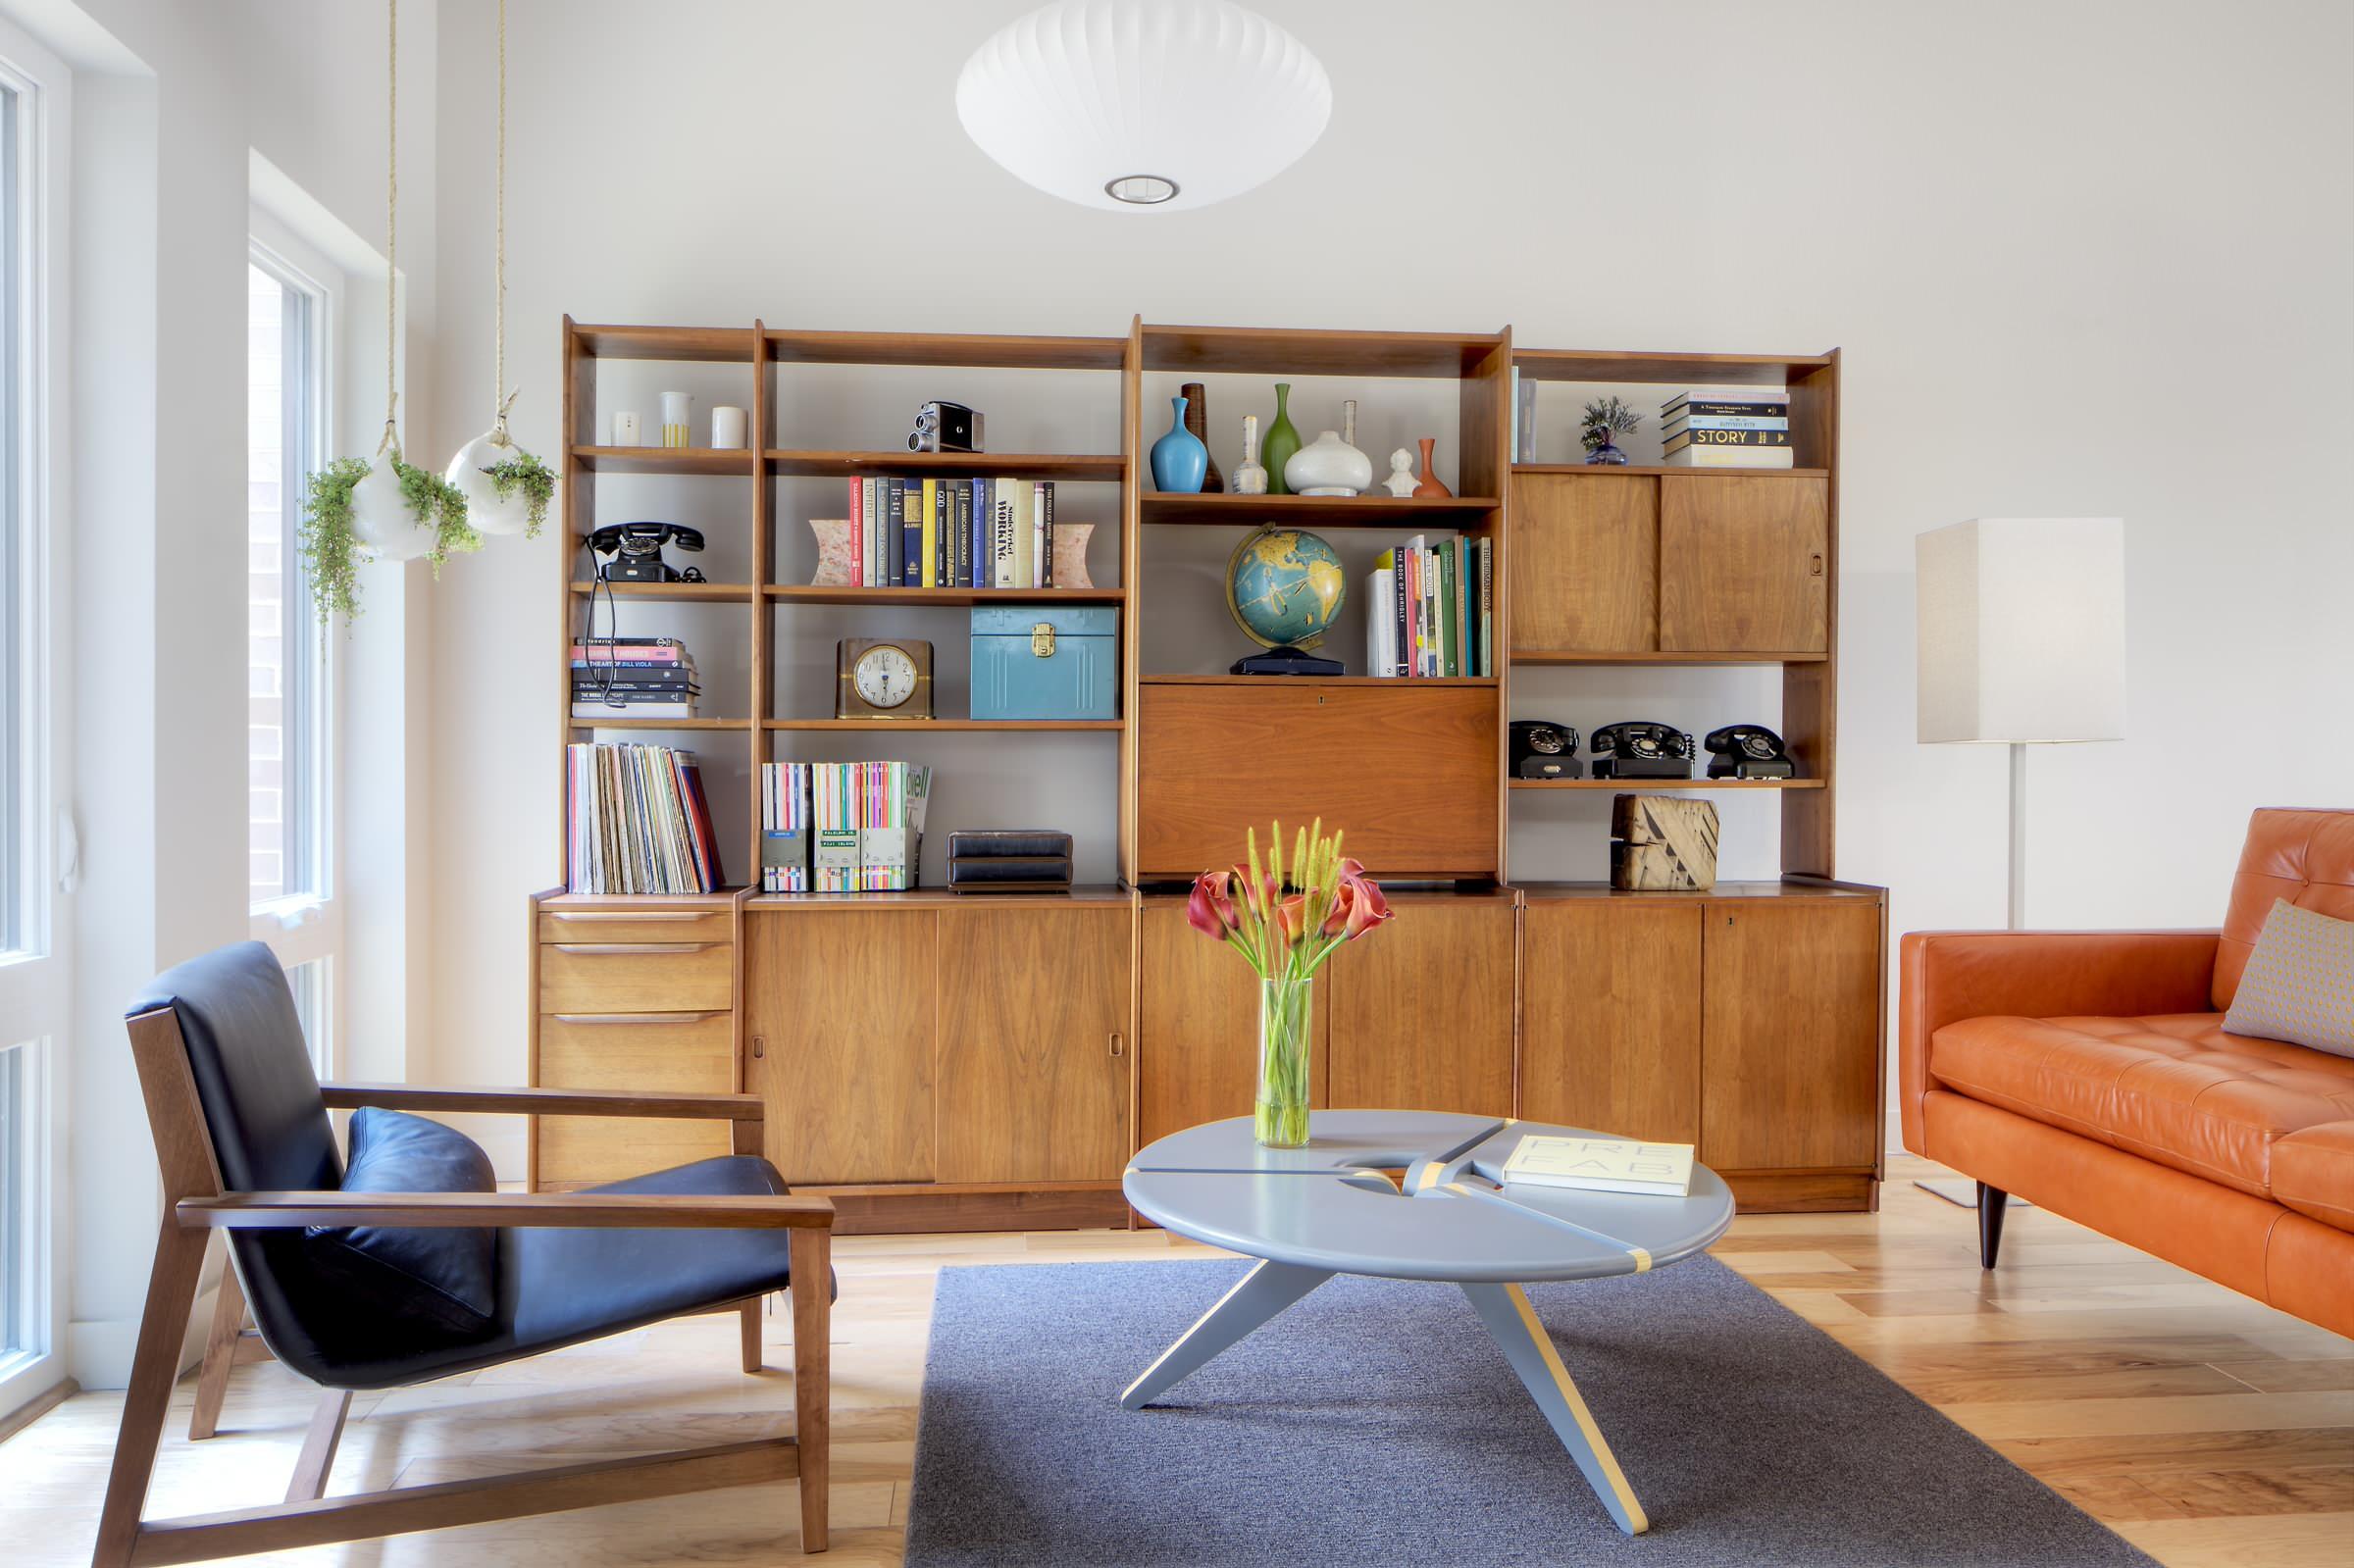 Советская мебель может быть стильной [10 крутых идей]